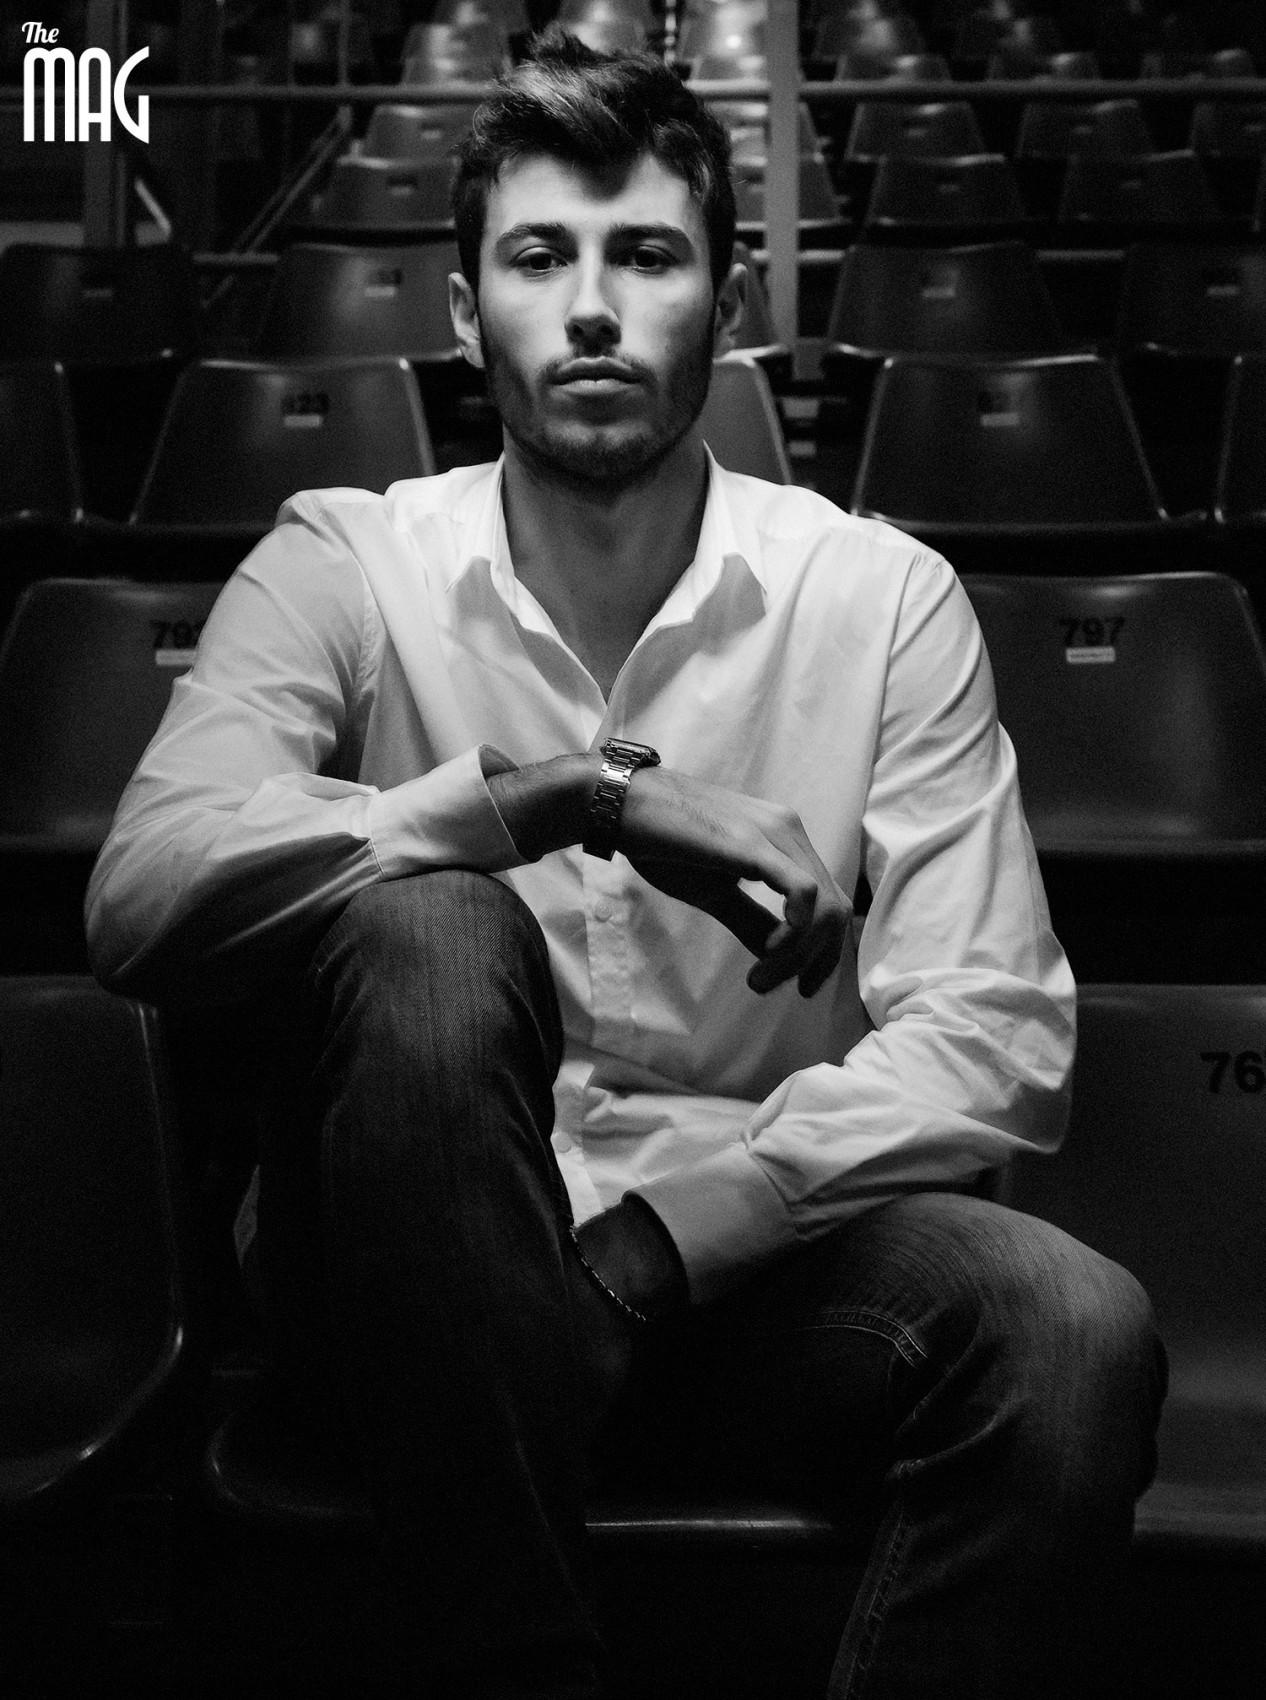 Luca Sartoretti - ritratto portrait B/W